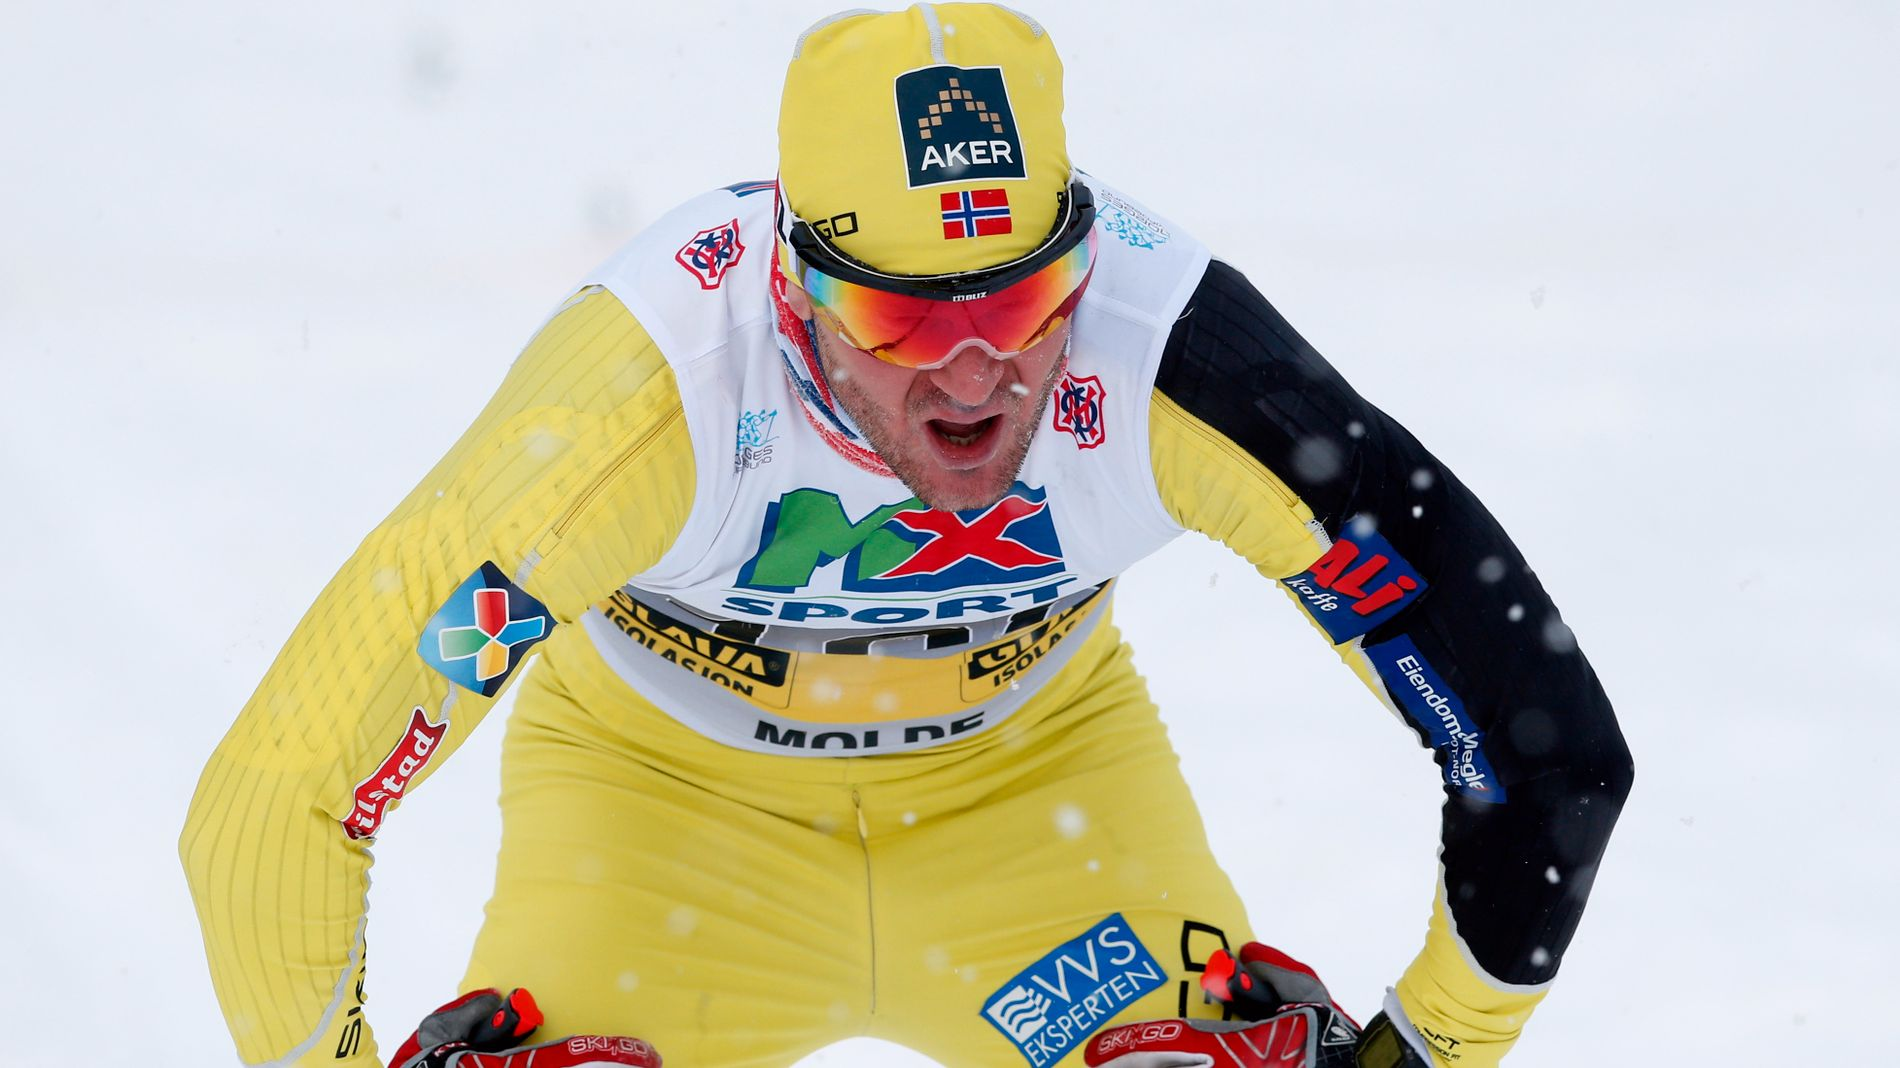 FORTELLER OM MEDISINBRUKEN: Øystein Pettersen var en del av sprintlandslaget ut 2013/14-sesongen. Her er han avbildet etter 15 kilometeren i NM på Lillehammer i januar 2014.